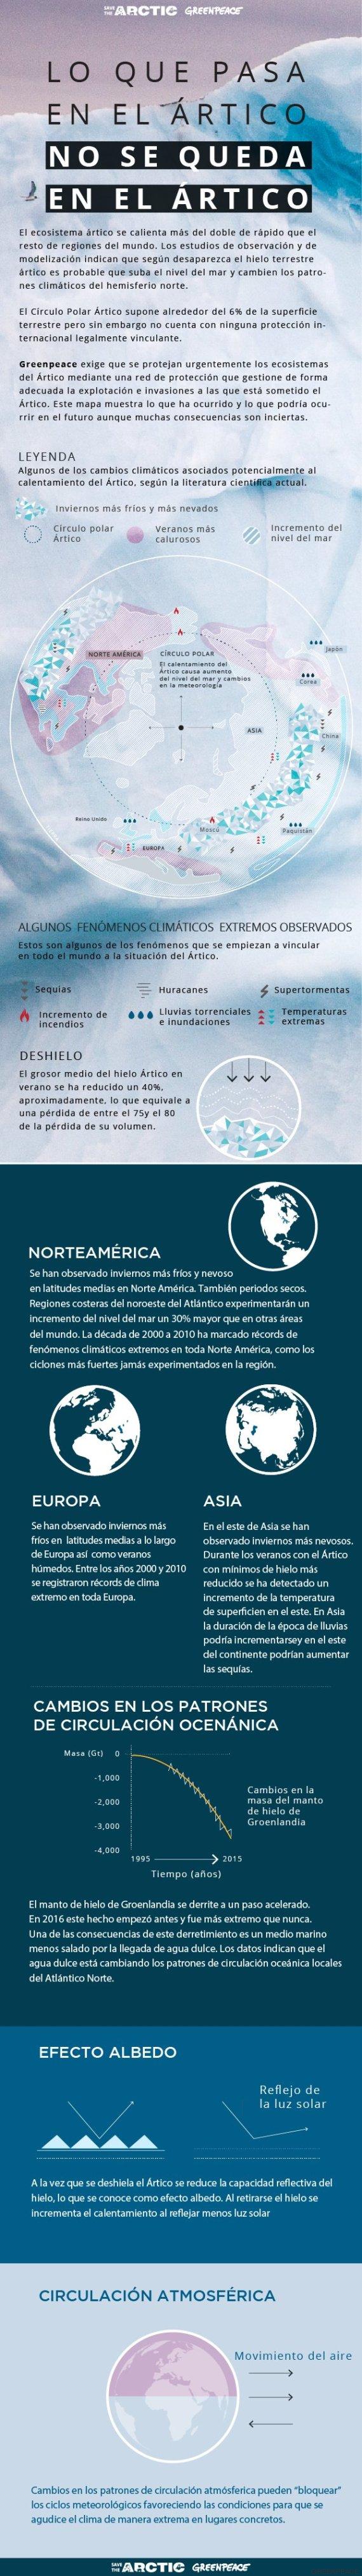 artico infografia